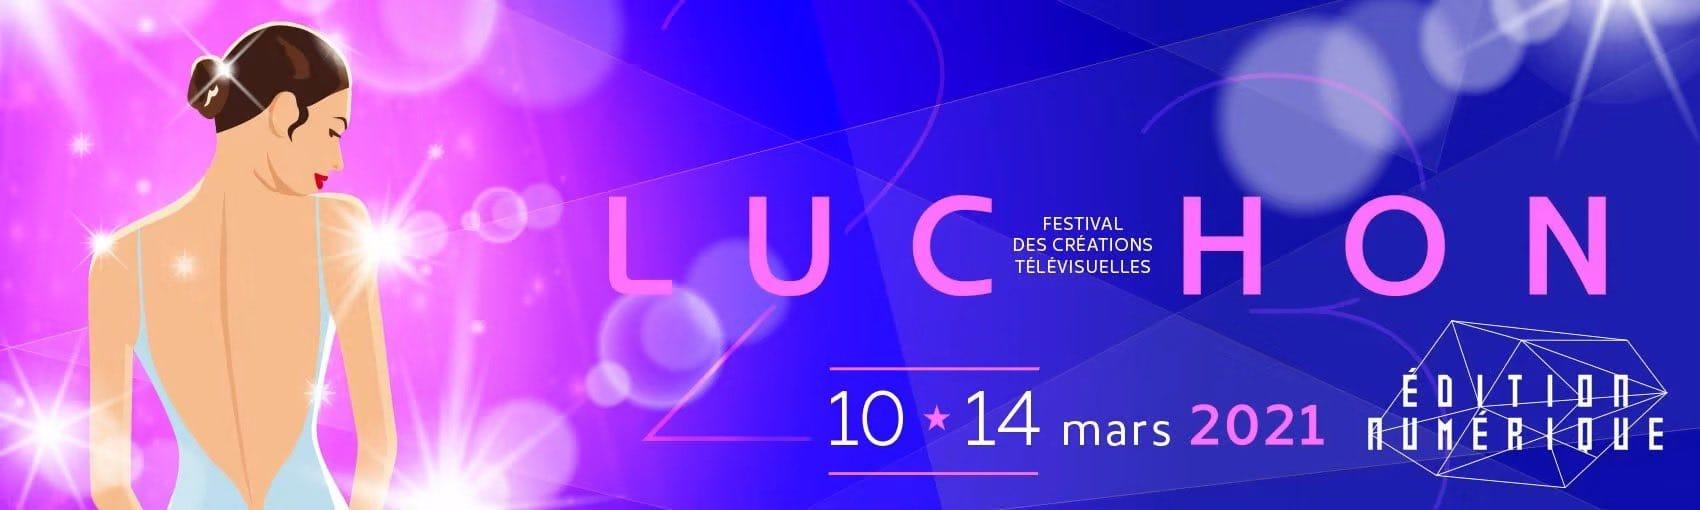 Festival de Luchon 2021 affiche horizontale télévision